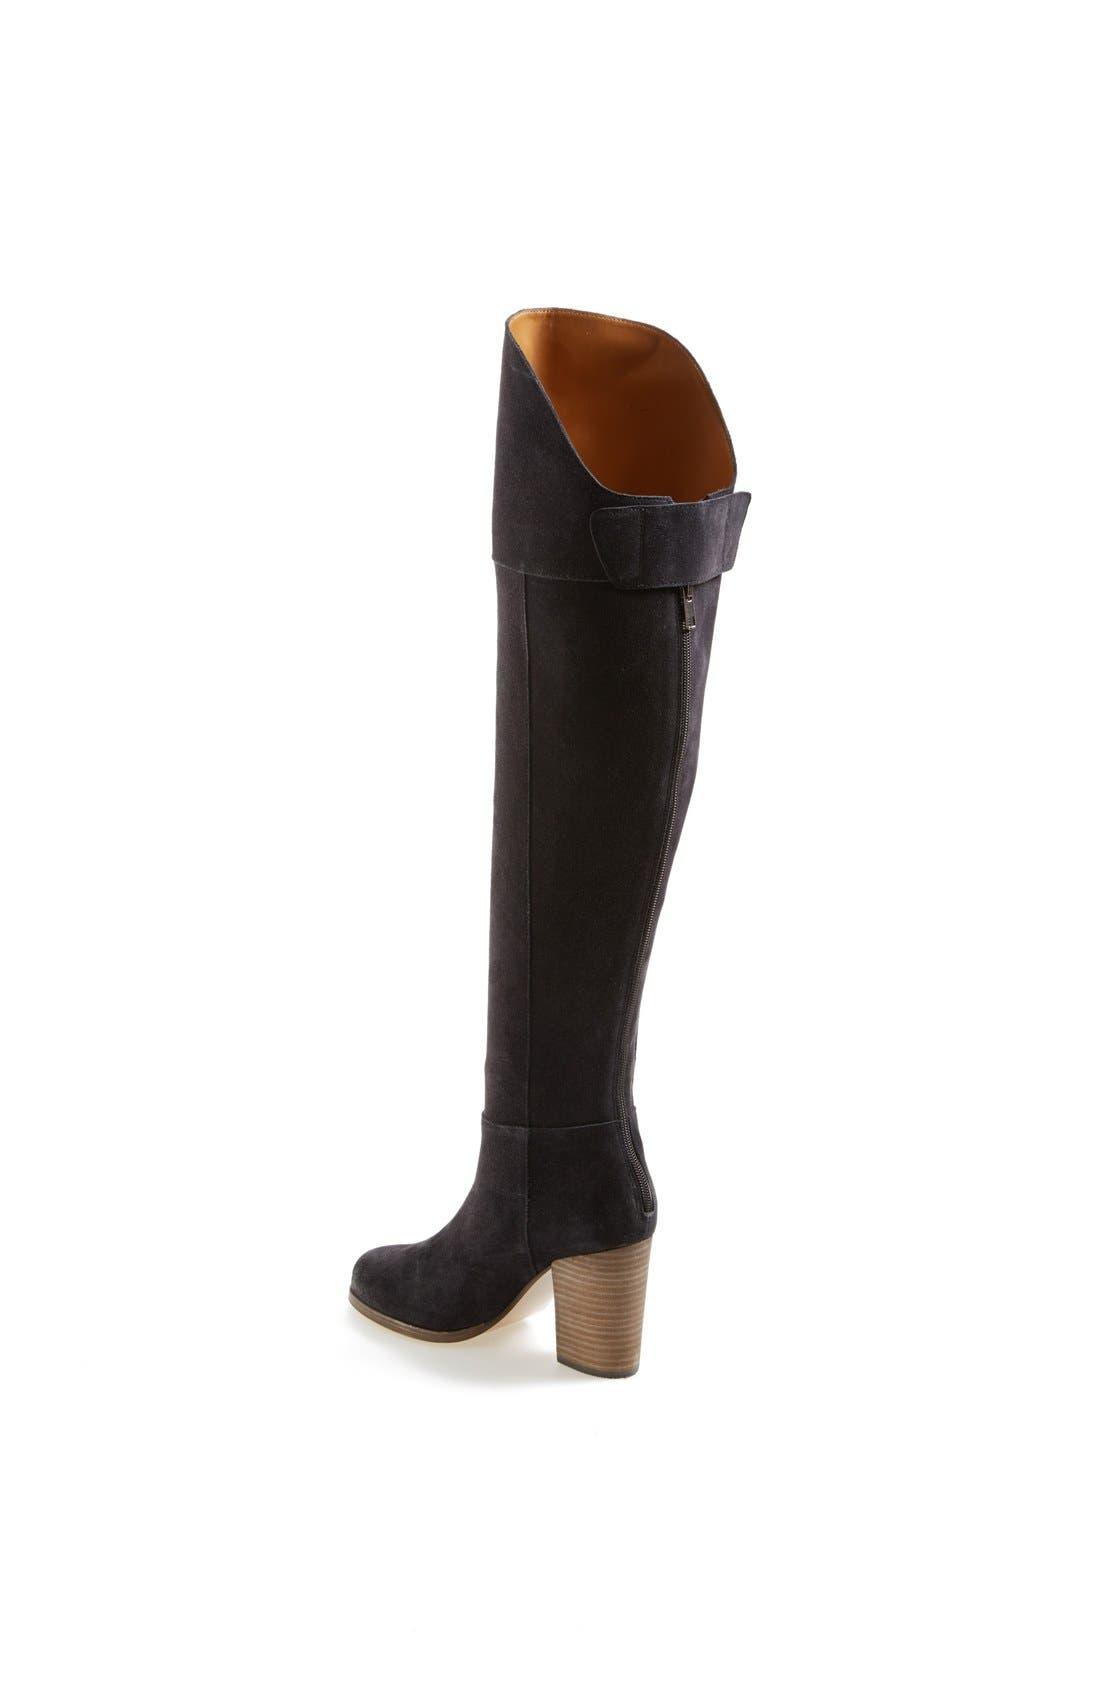 Alternate Image 2  - DV by Dolce Vita 'Myer' Over the Knee Boot (Women)